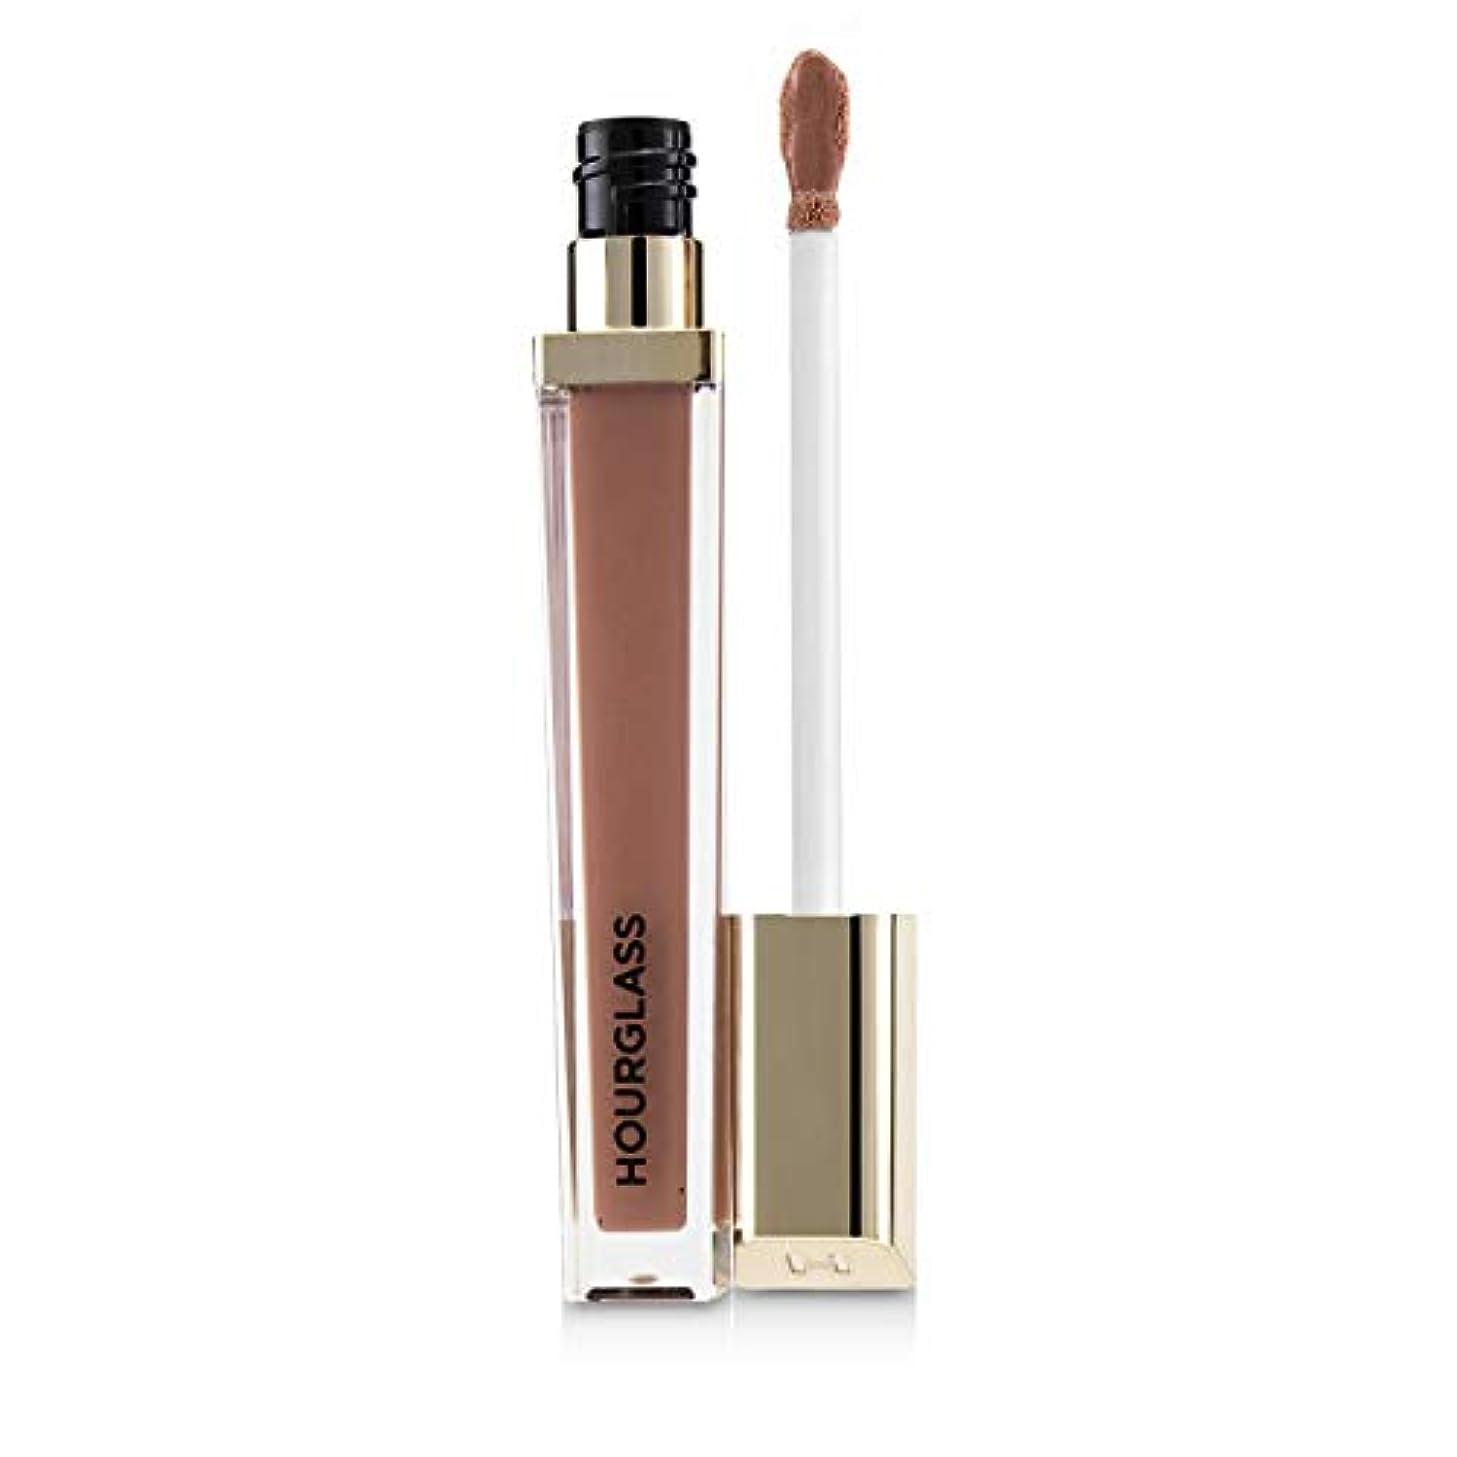 言語学降雨内向きアワーグラス Unreal High Shine Volumizing Lip Gloss - # Sublime (Pink Nude) 5.6g/0.2oz並行輸入品